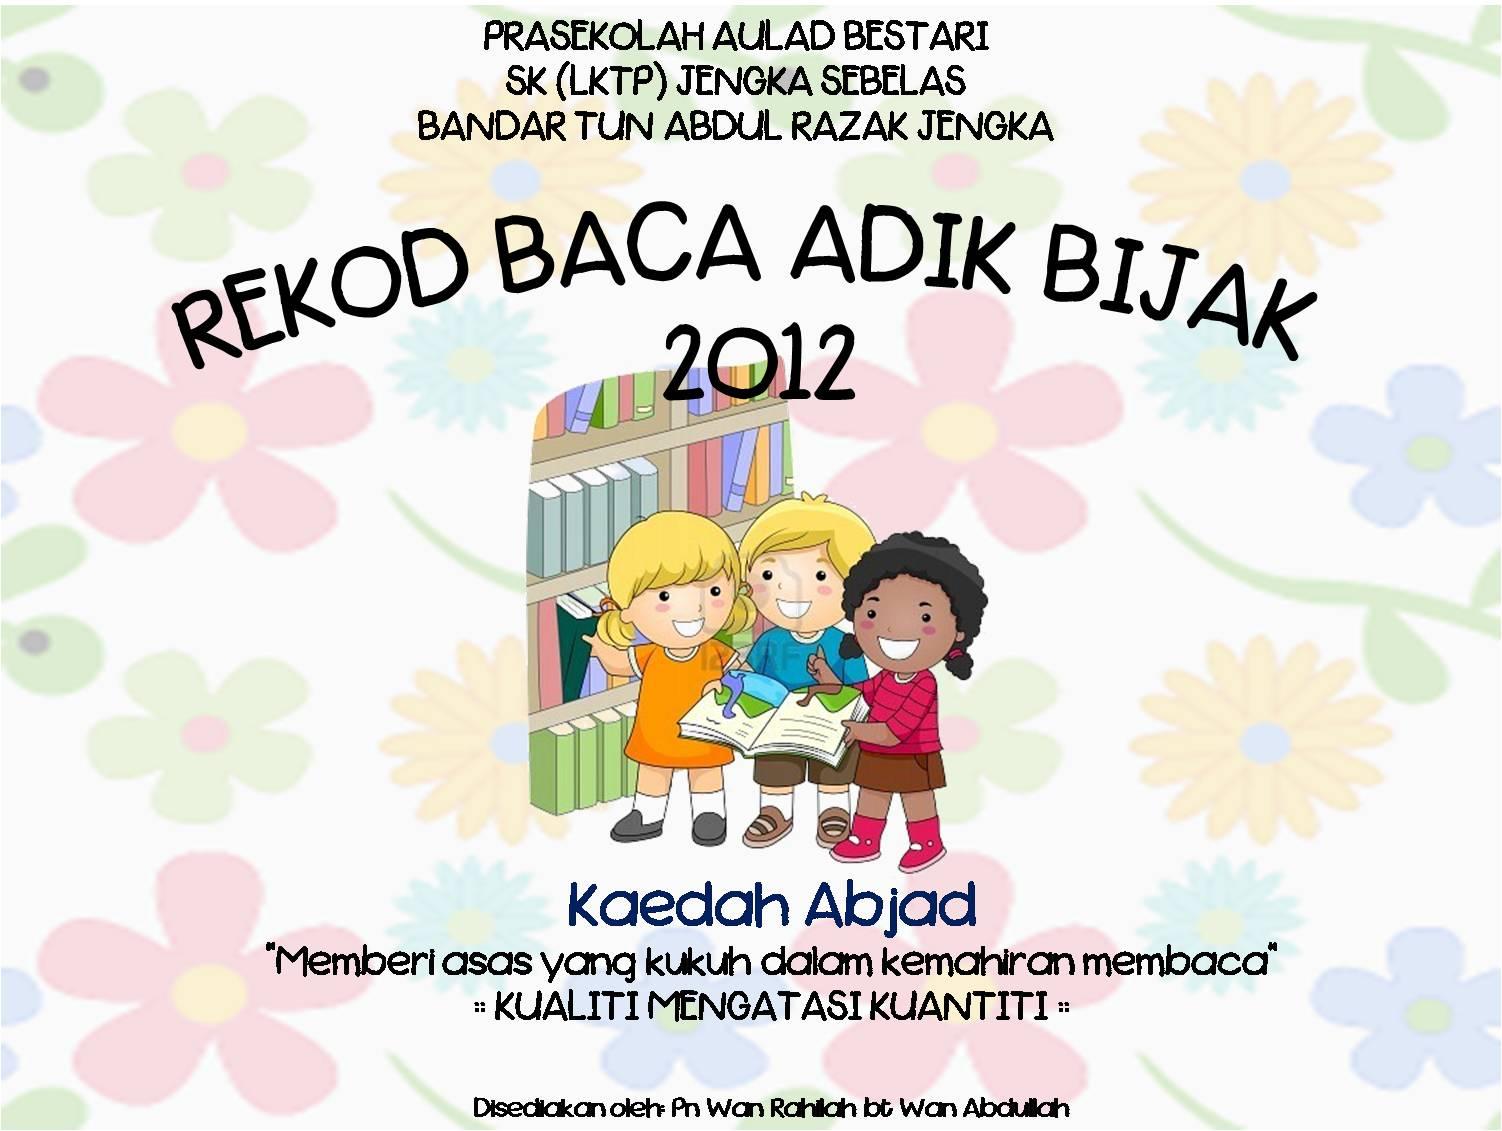 Rekod Baca 2012